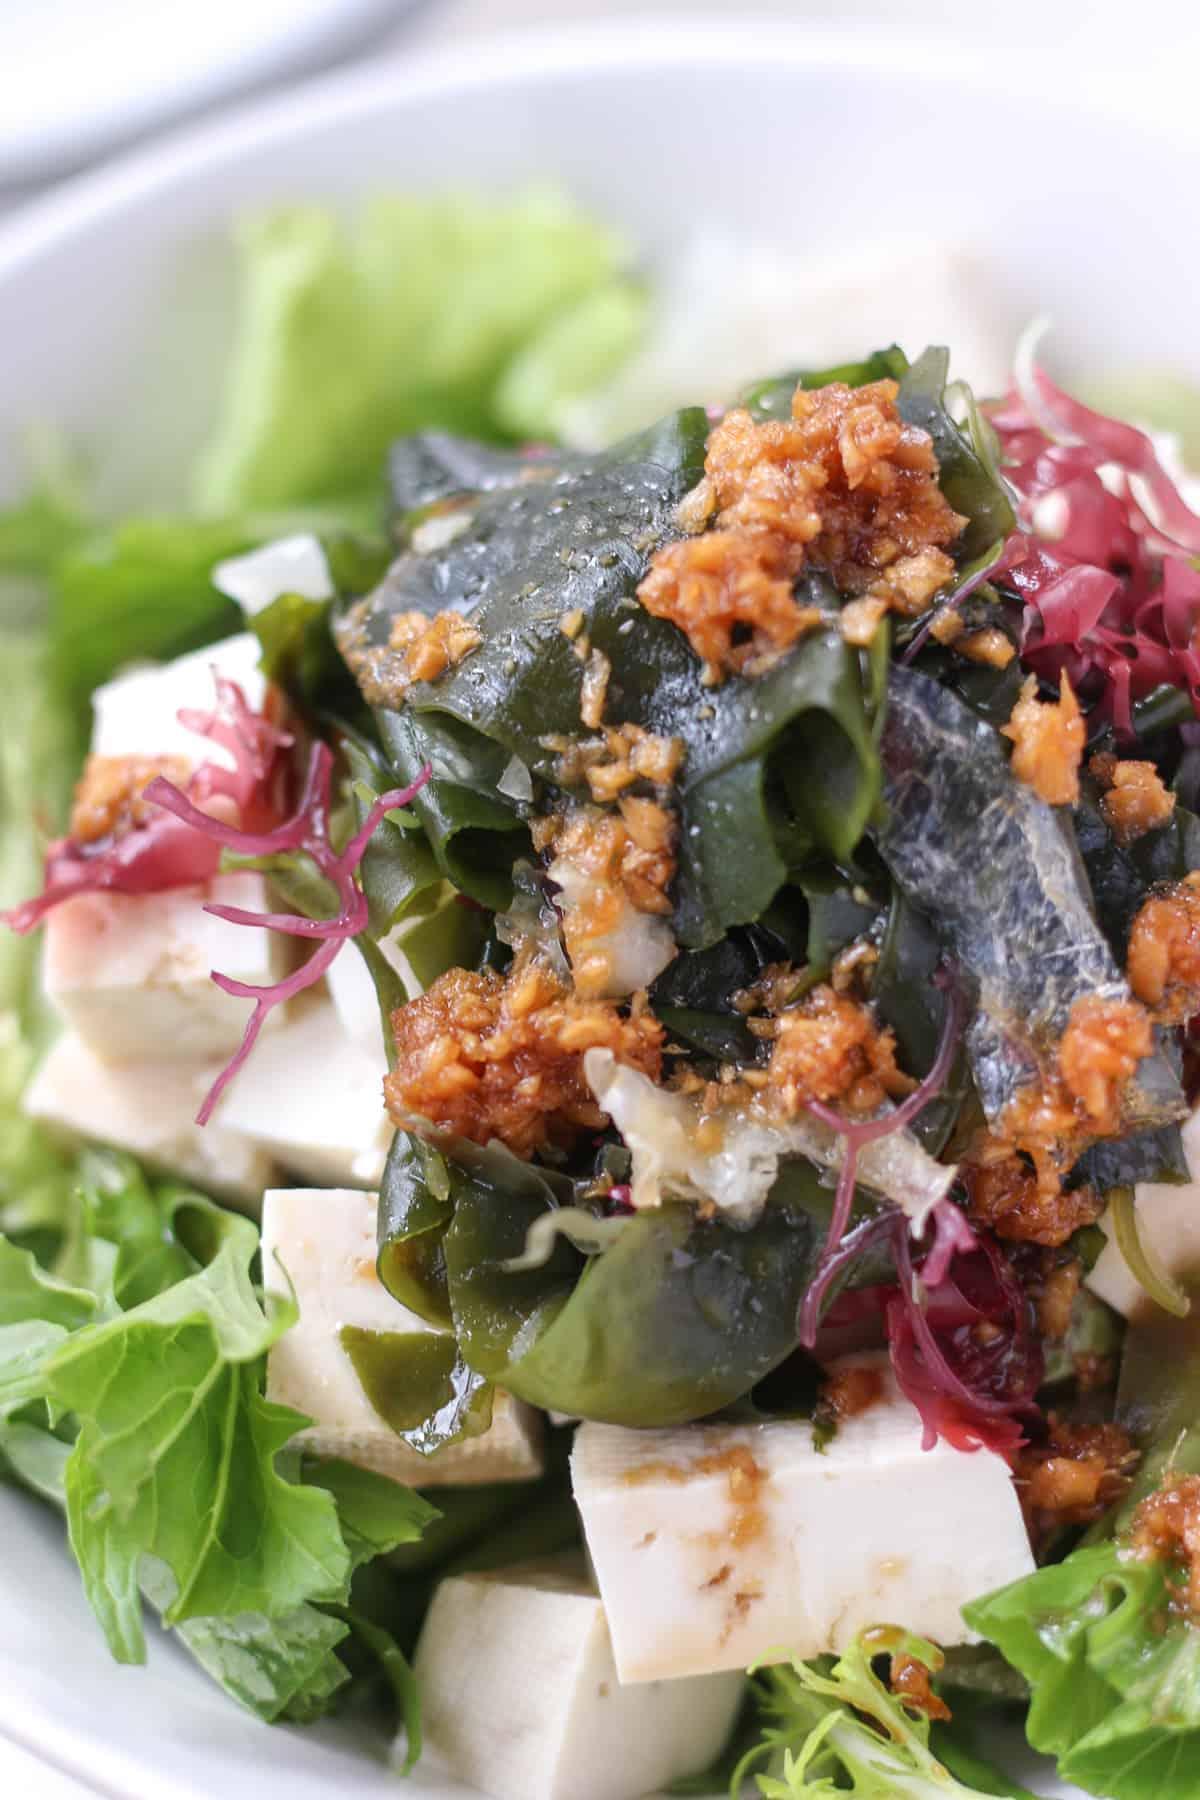 深皿に盛り付けられた、緑野菜と、豆腐、海藻。生姜と醤油のドレッシングがトッピングされている。